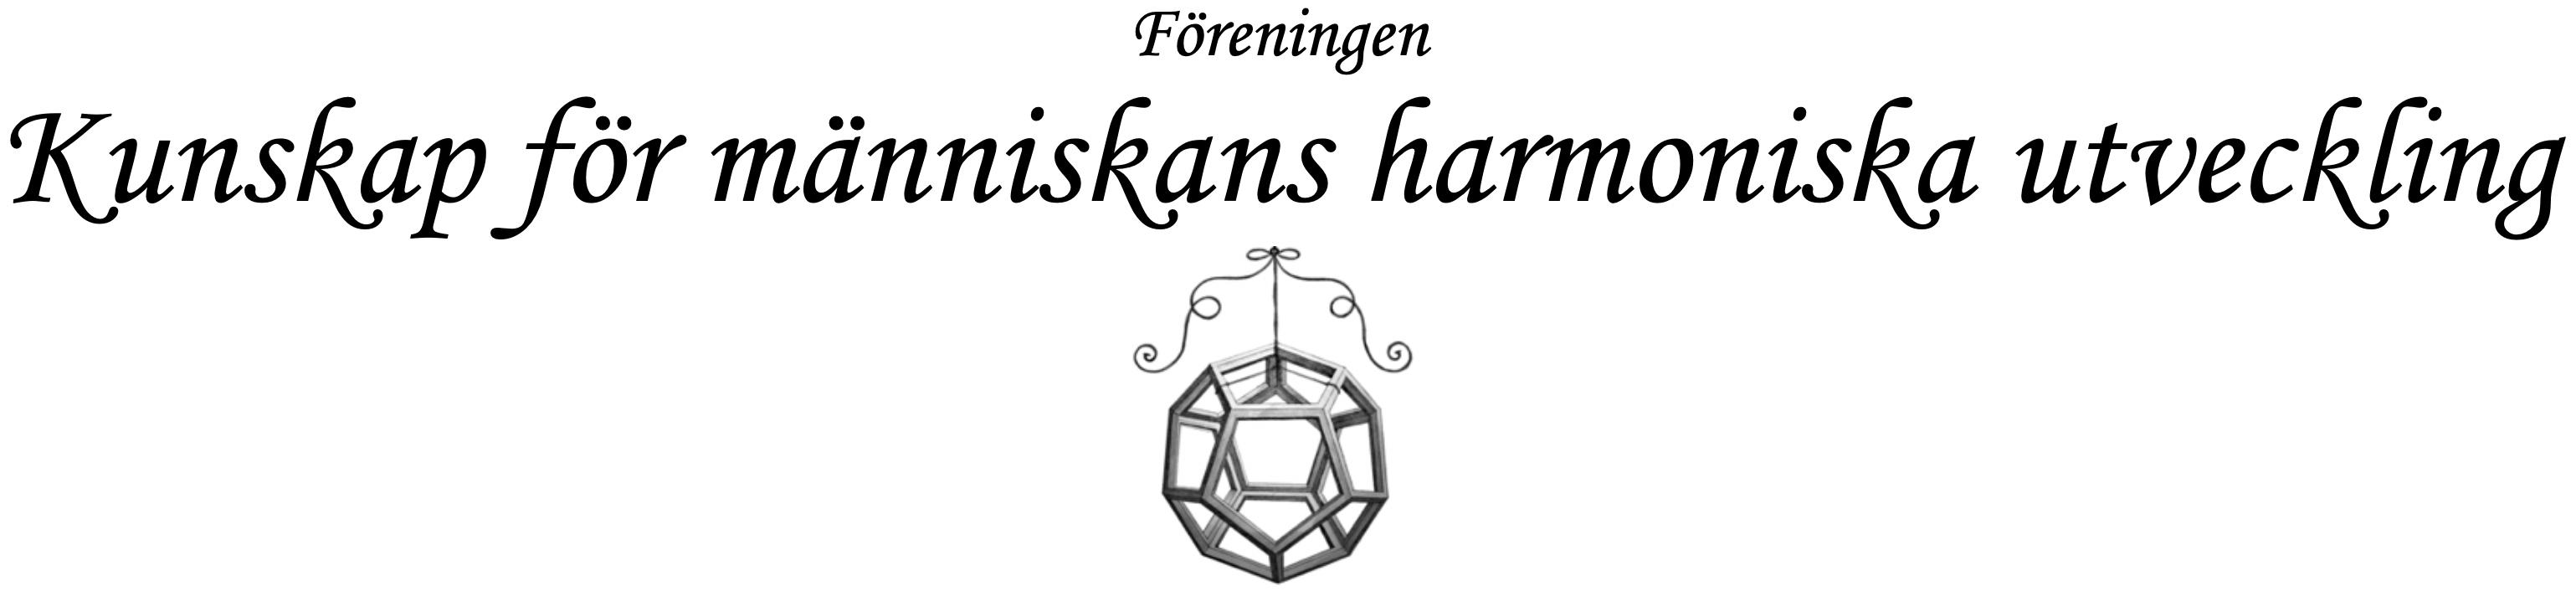 Föreningen Kunskap för människans harmoniska utveckling